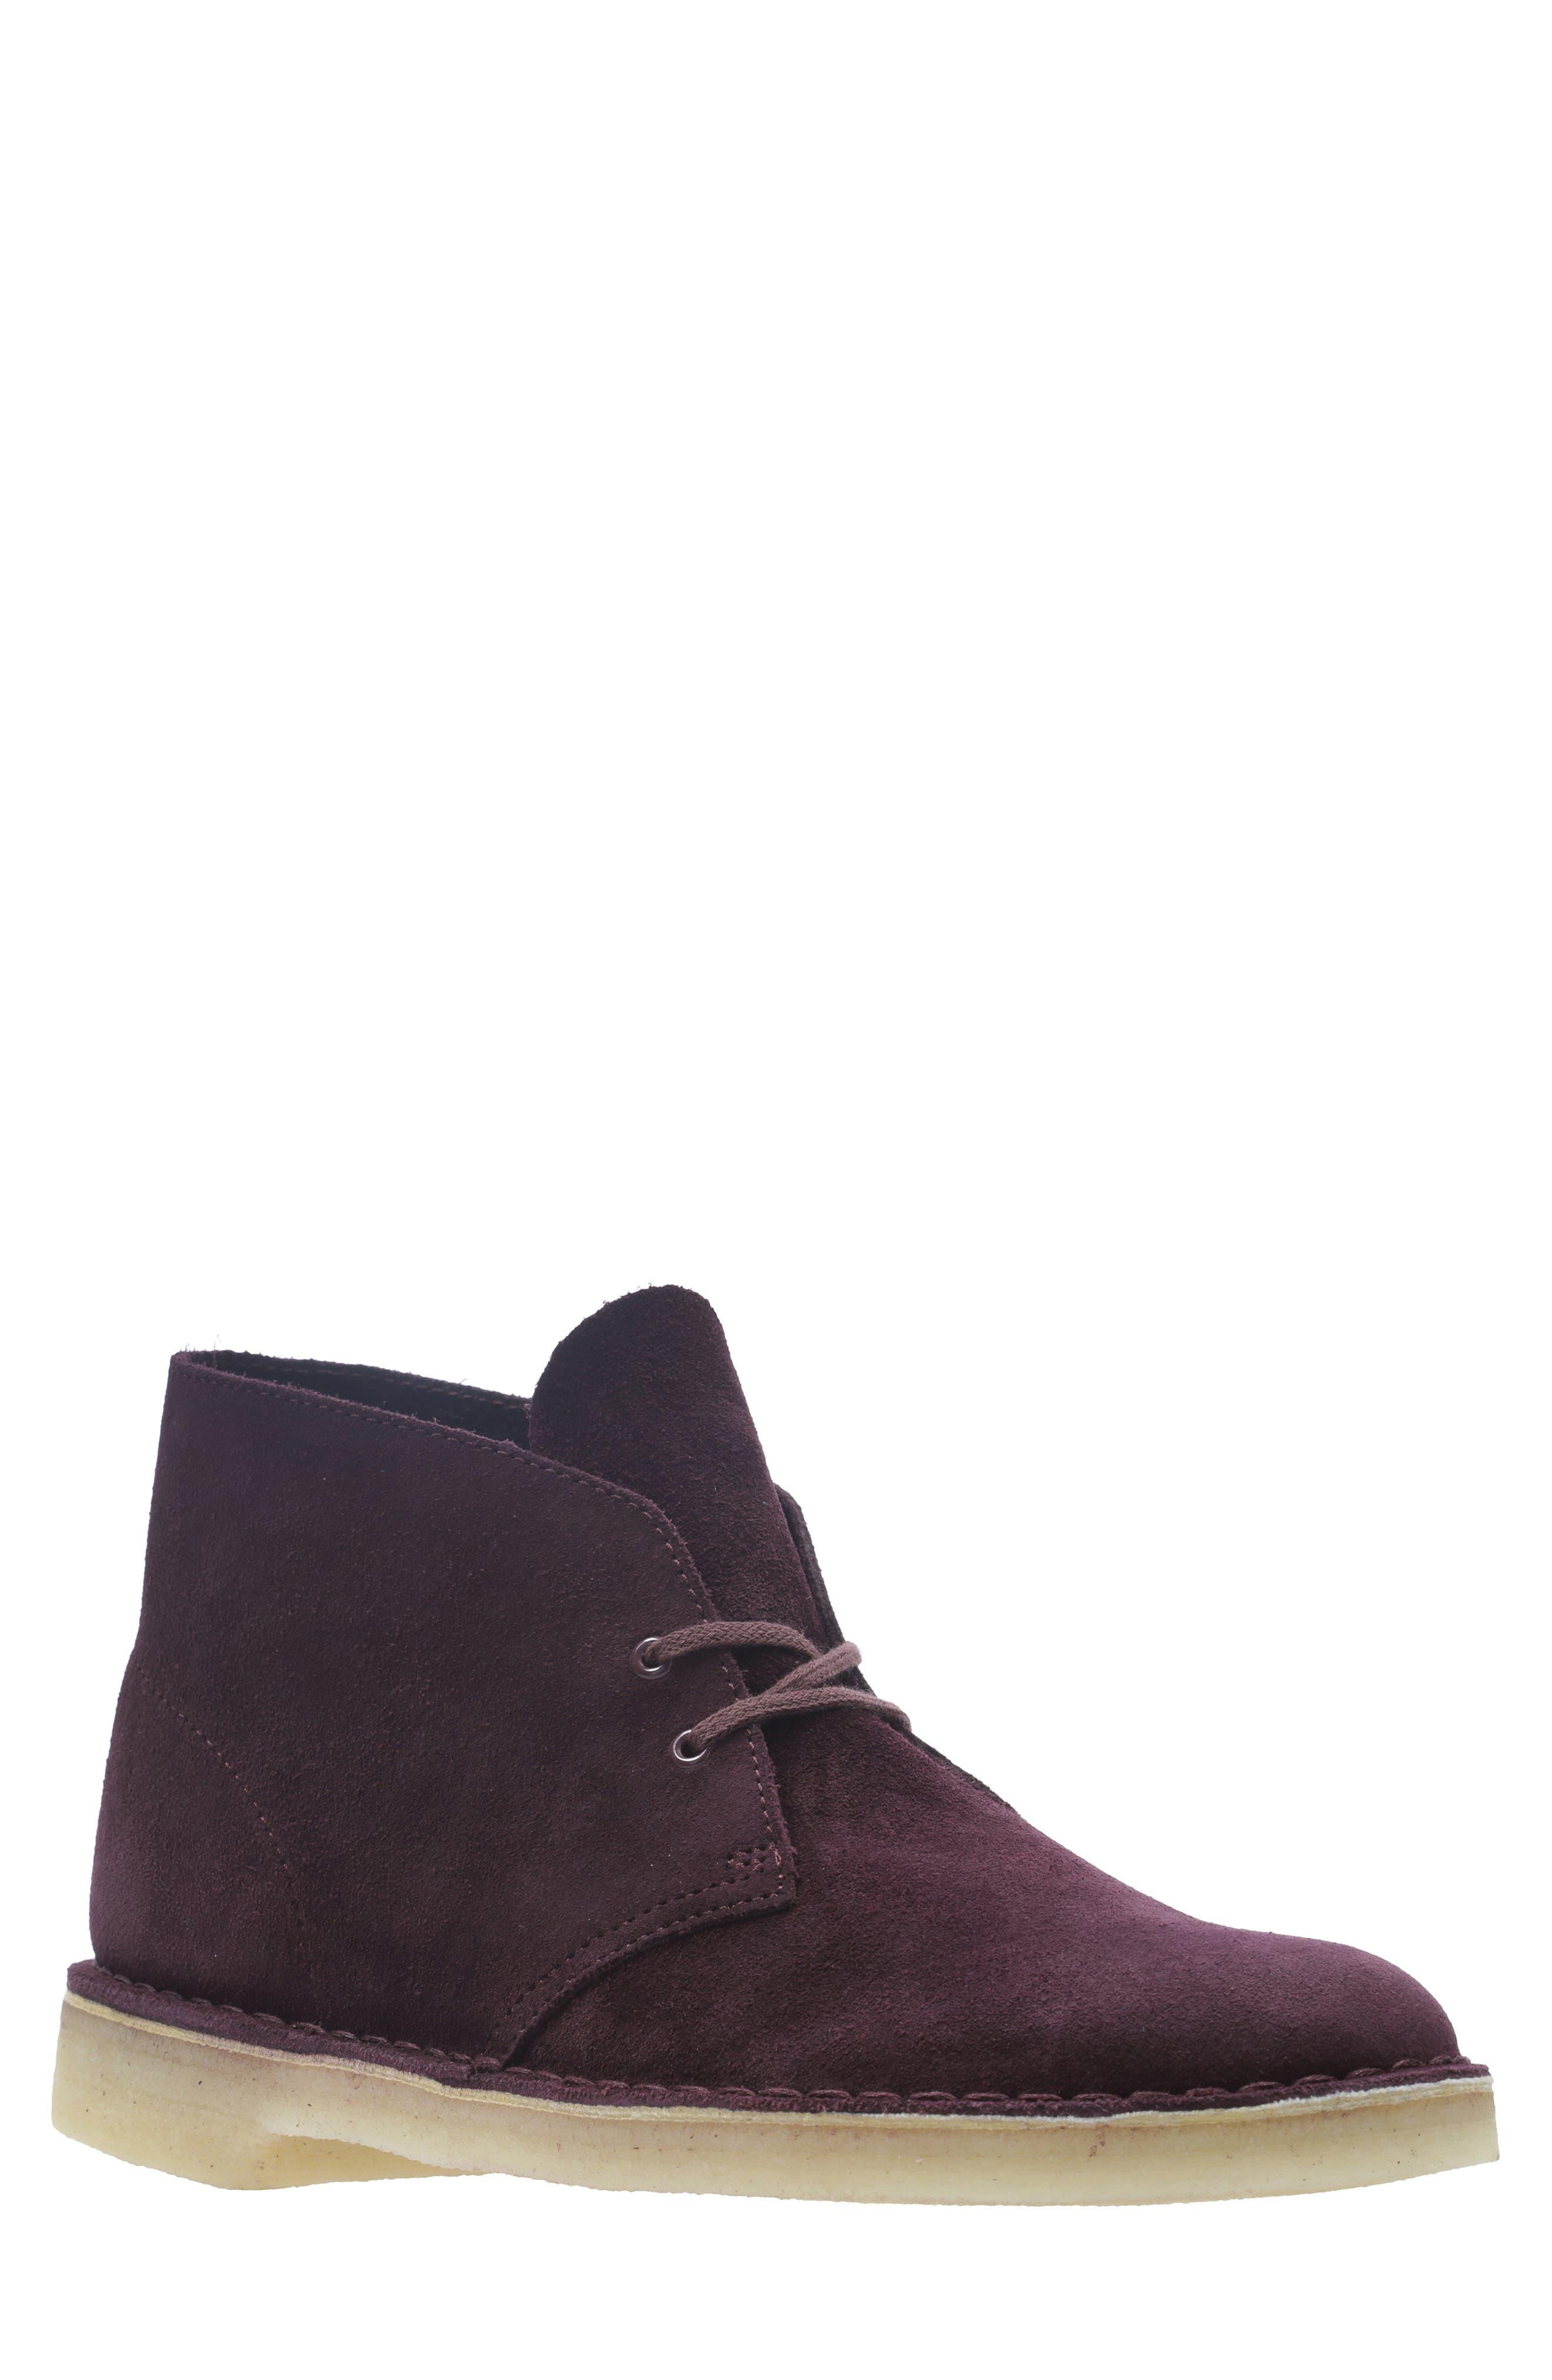 'Desert' Boot,                         Main,                         color, BORDEAUX/BORDEAUX SUEDE